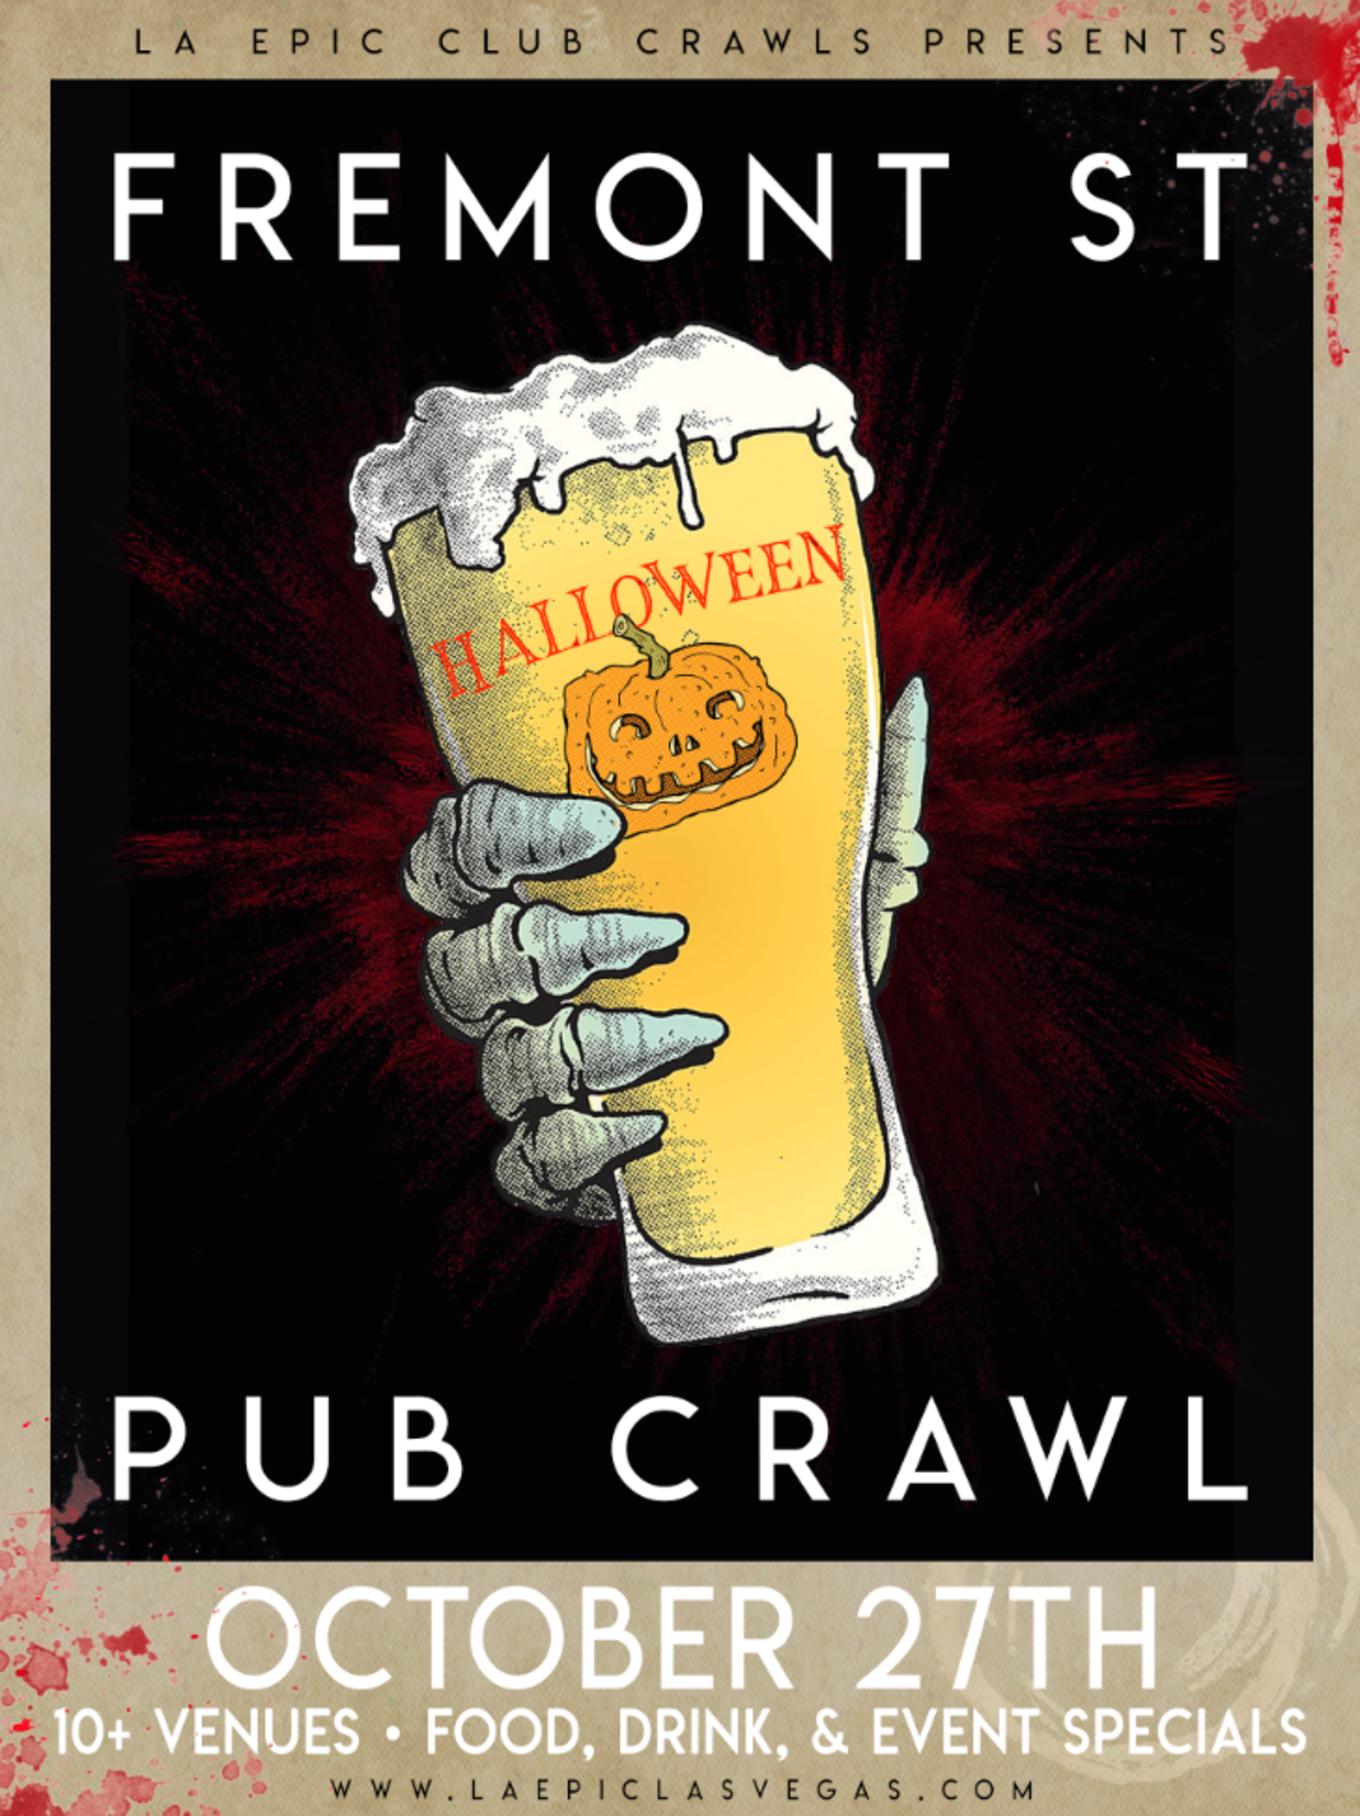 Fremont Street Halloween Pub Crawl - Tickets - Mickie Finzz